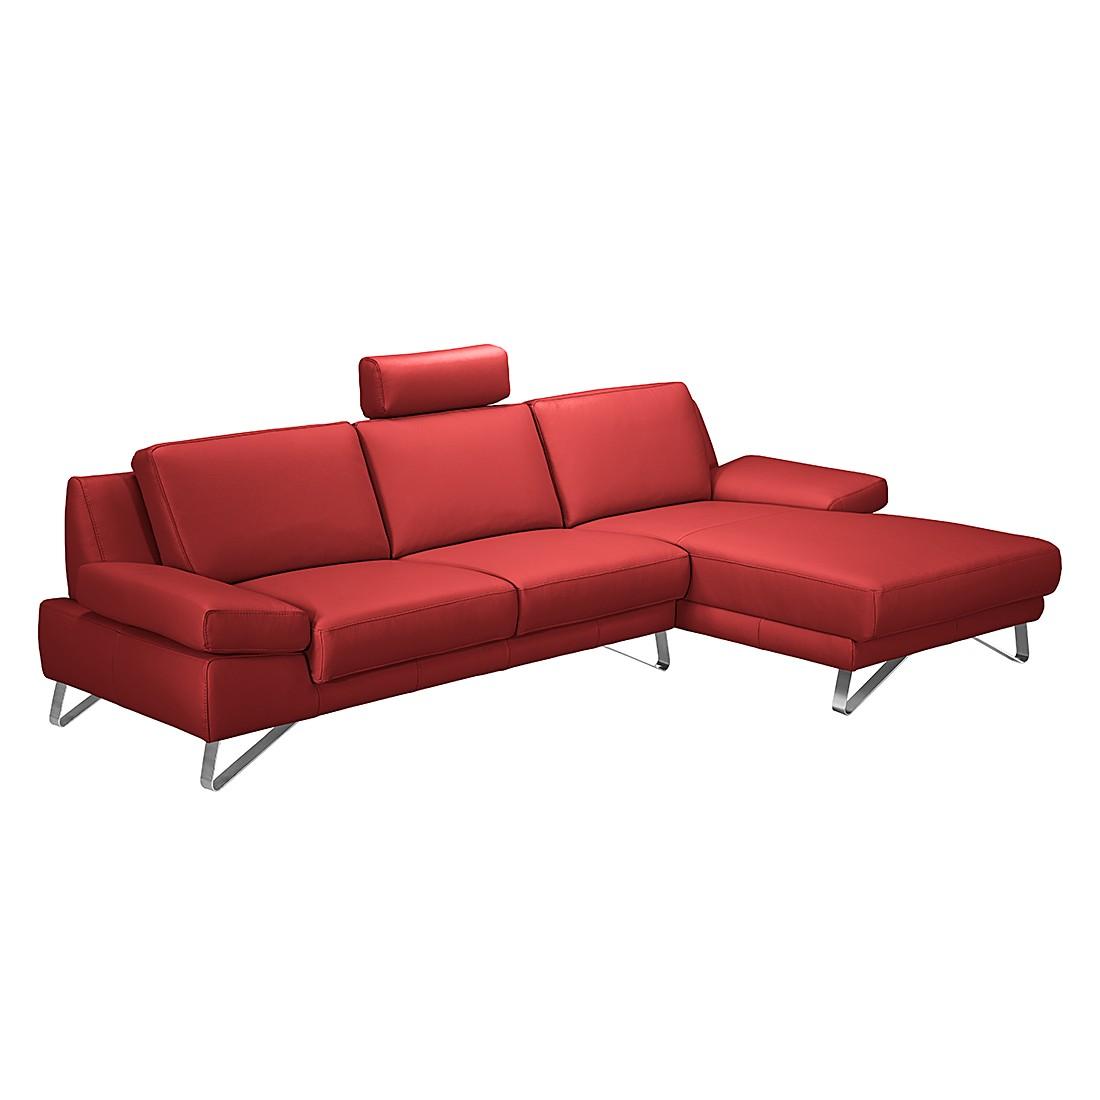 Canapé d'angle Silvano - Cuir rouge véritable carmin - Méridienne à droite (vue de face) Sans appui-